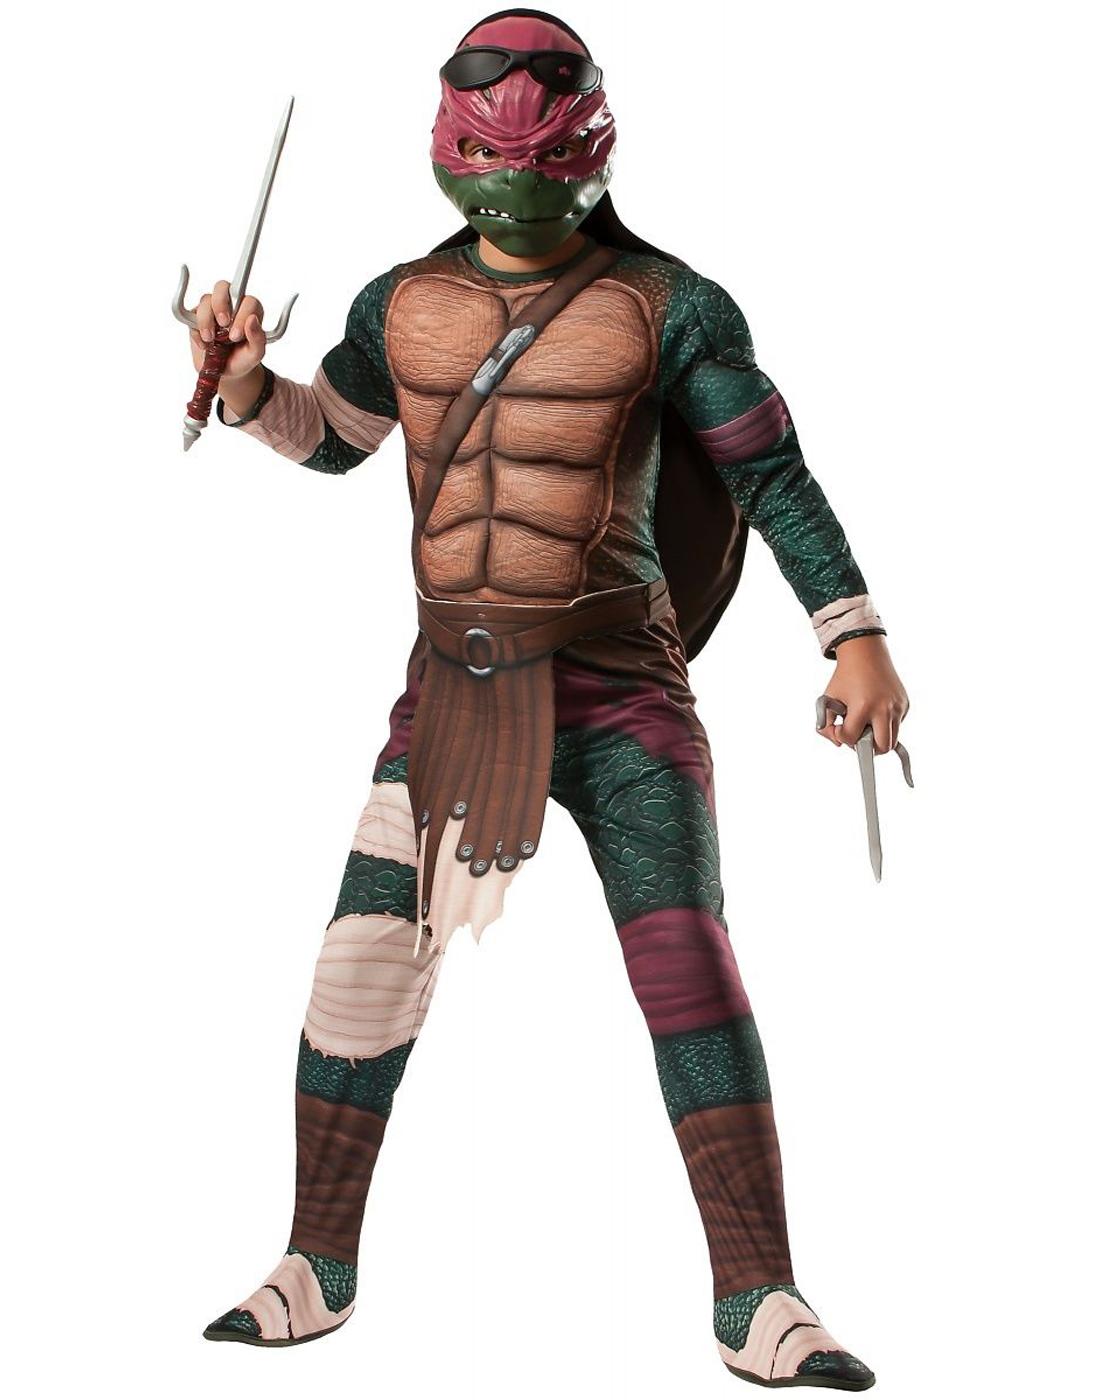 Rubie's Costume Co Teenage Mutant Ninja Turtles Raphael Boys Kids Child Halloween Costume S-L at Sears.com